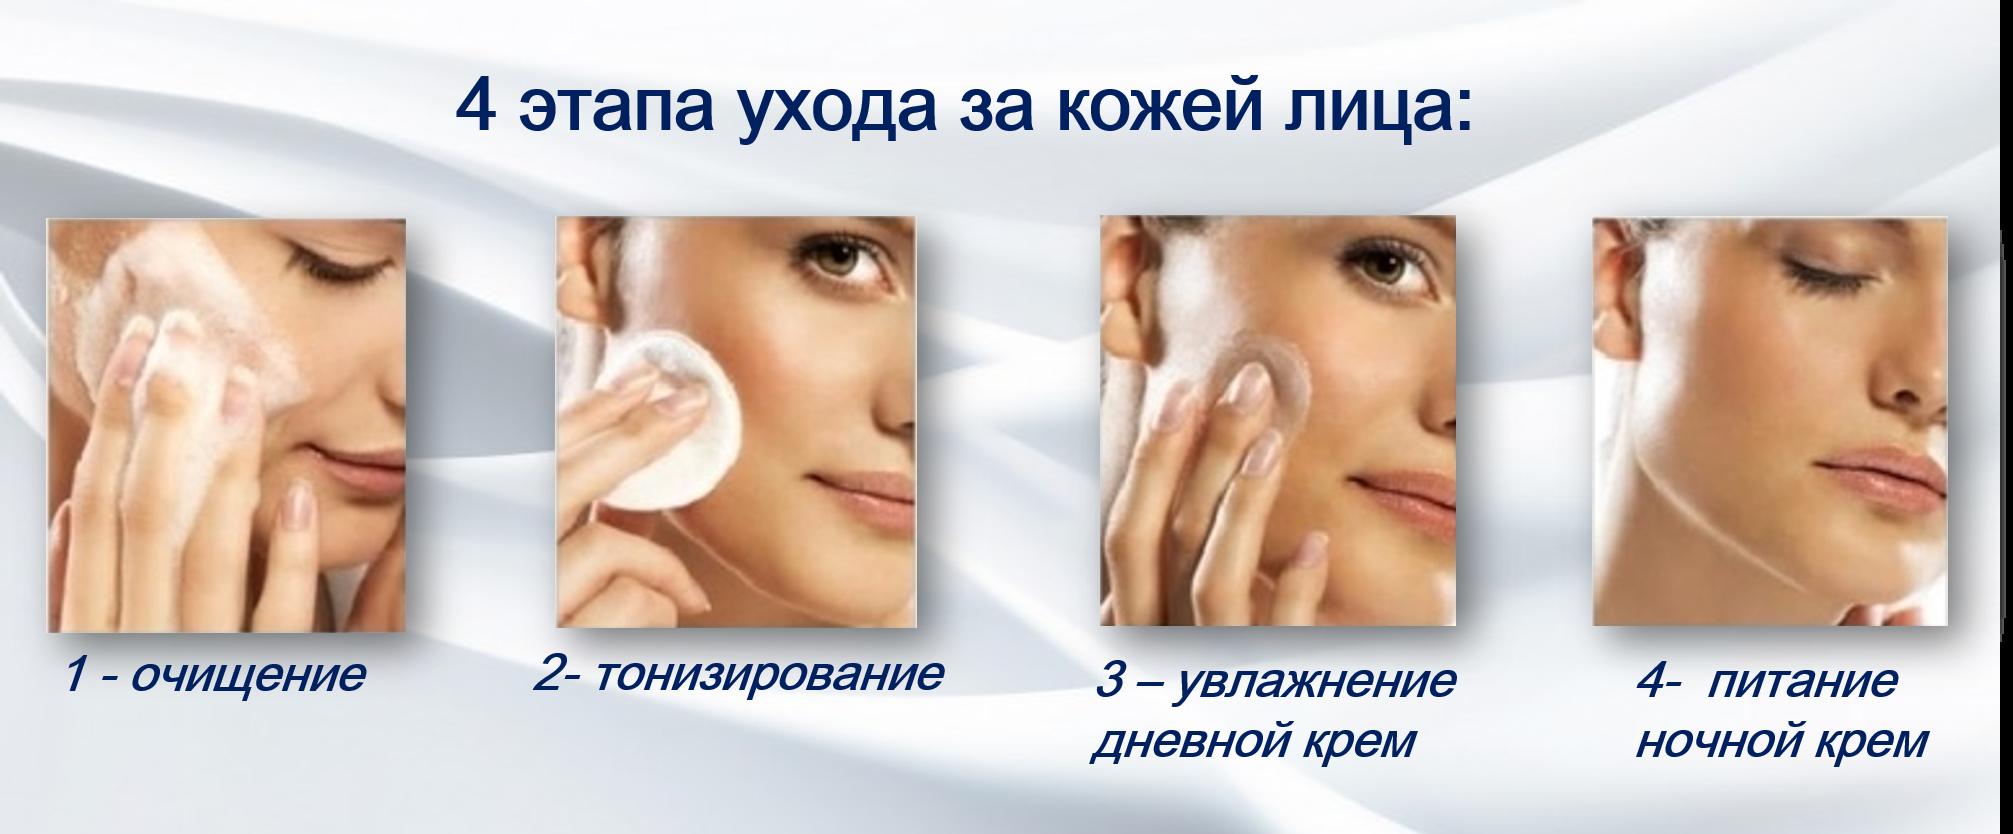 4 этапа ухода за кожей лица